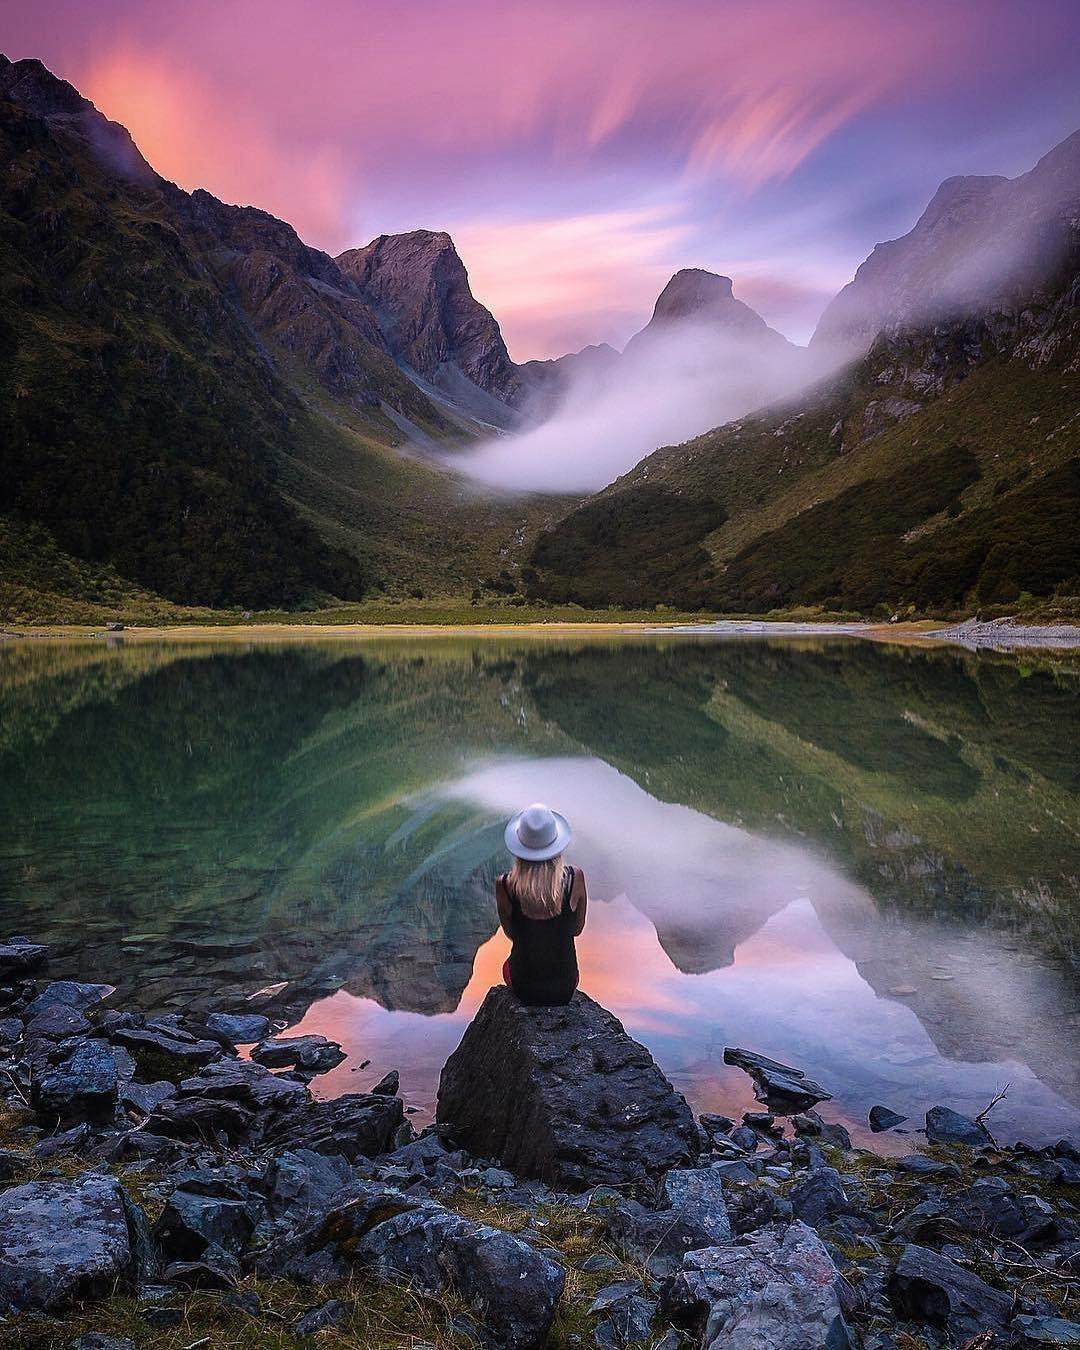 Гармония природы в картинках